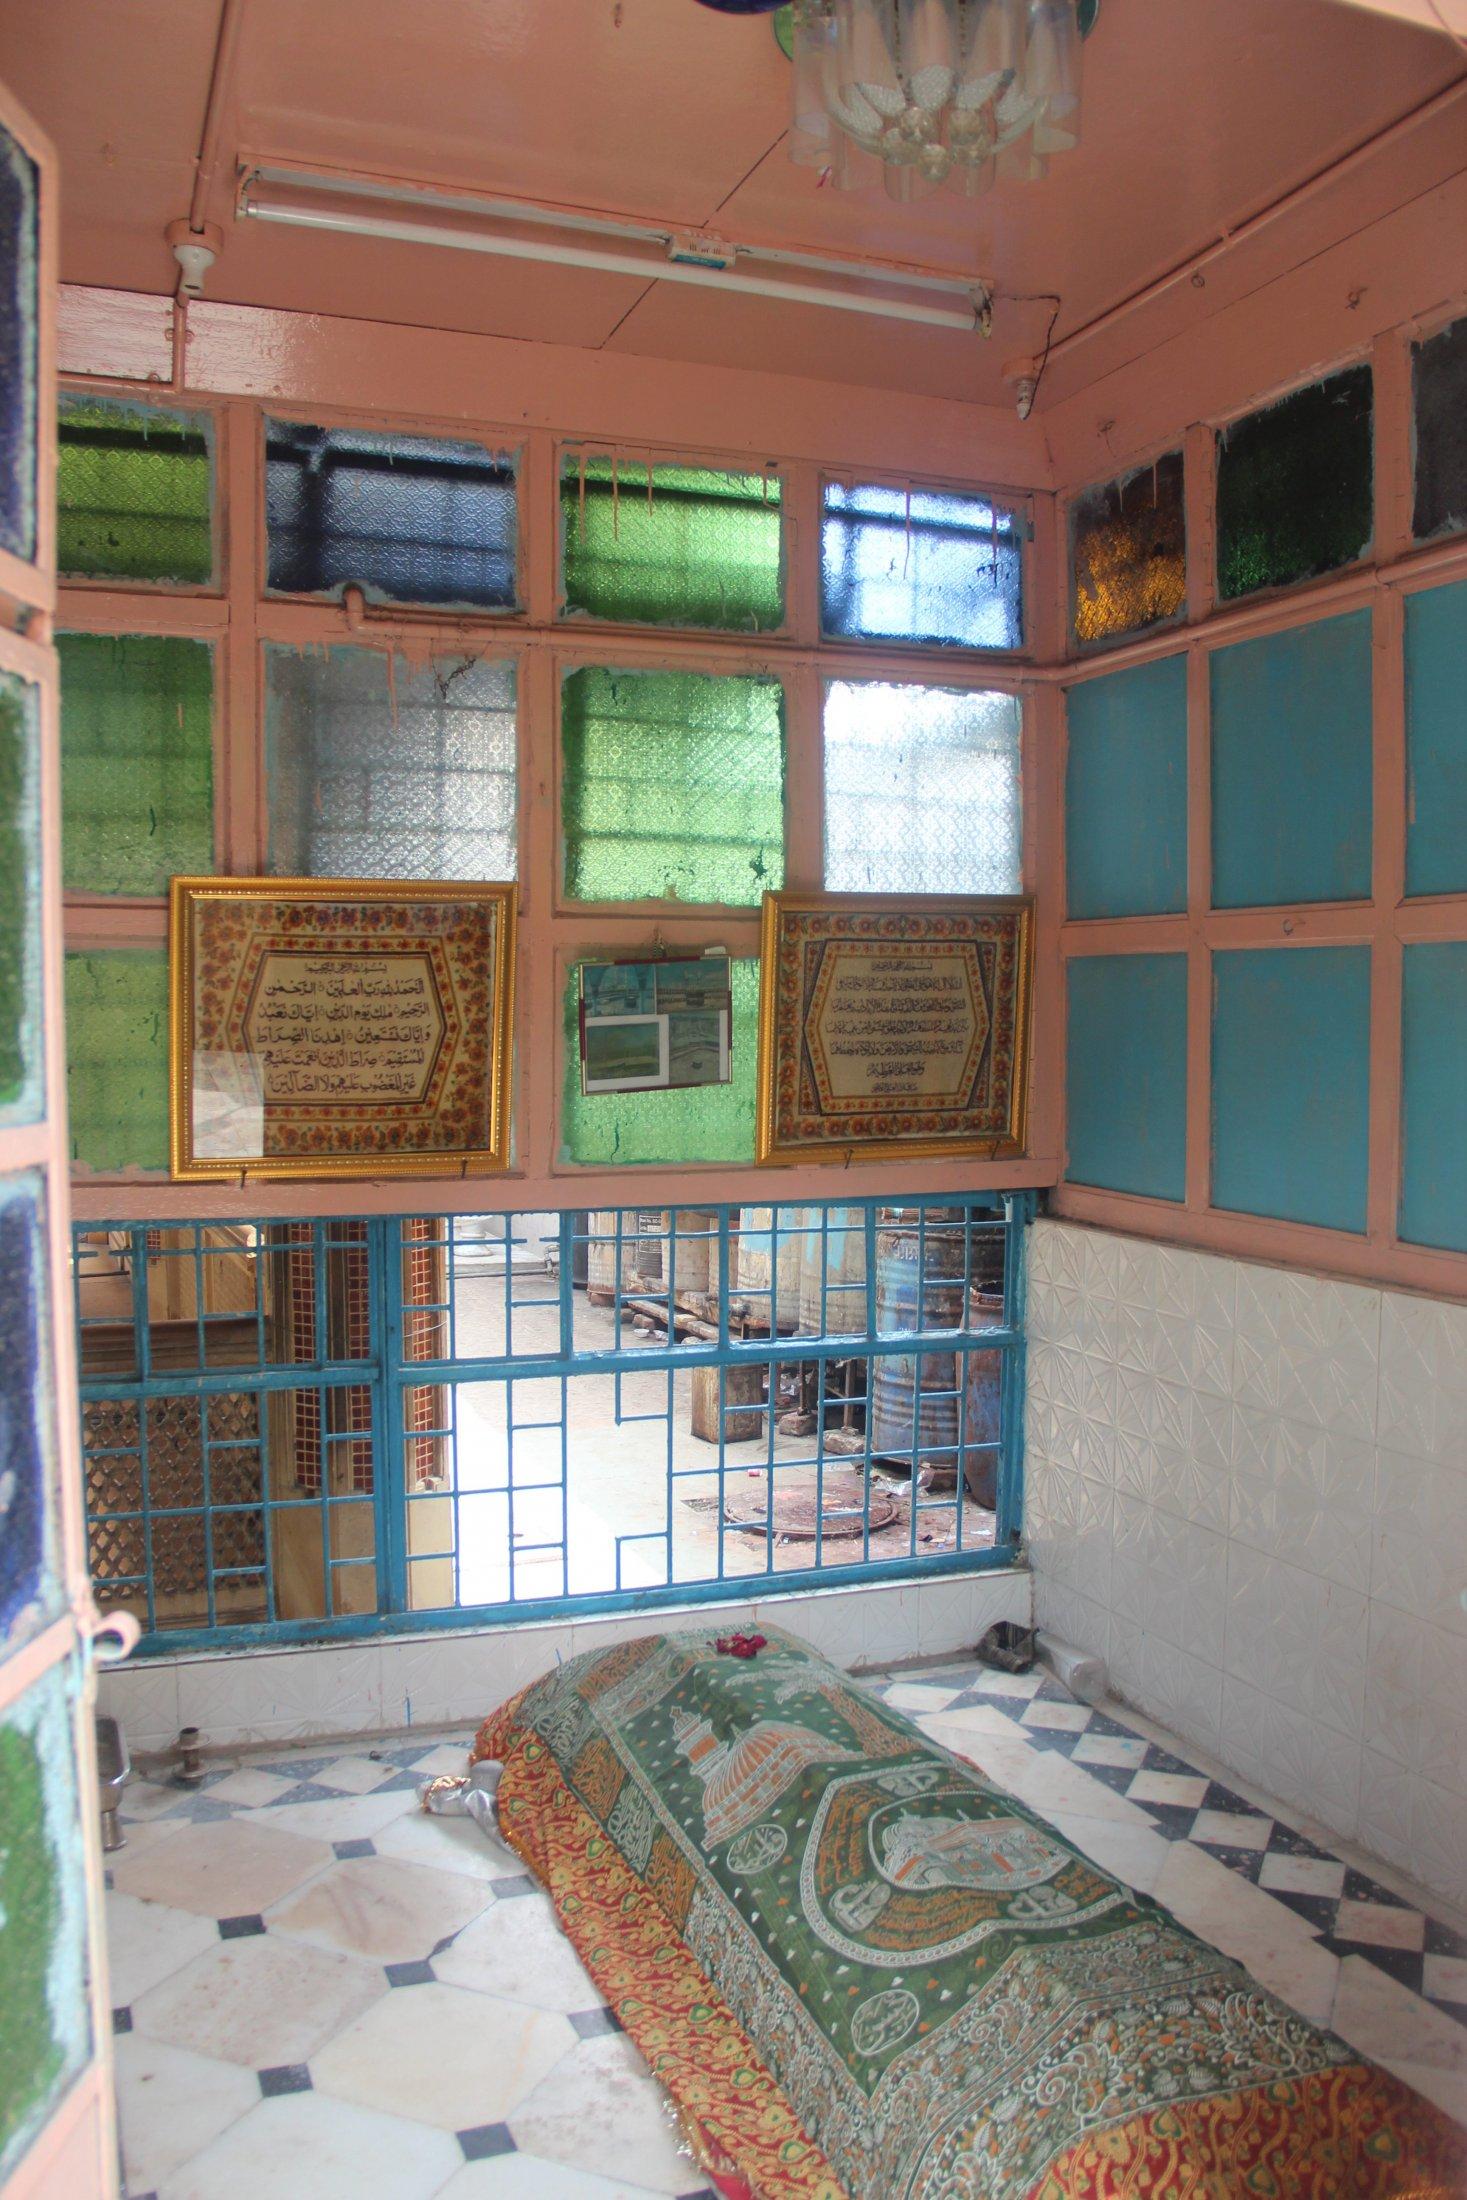 Interior of Sidi Baba's Dargah, Ahmedabad